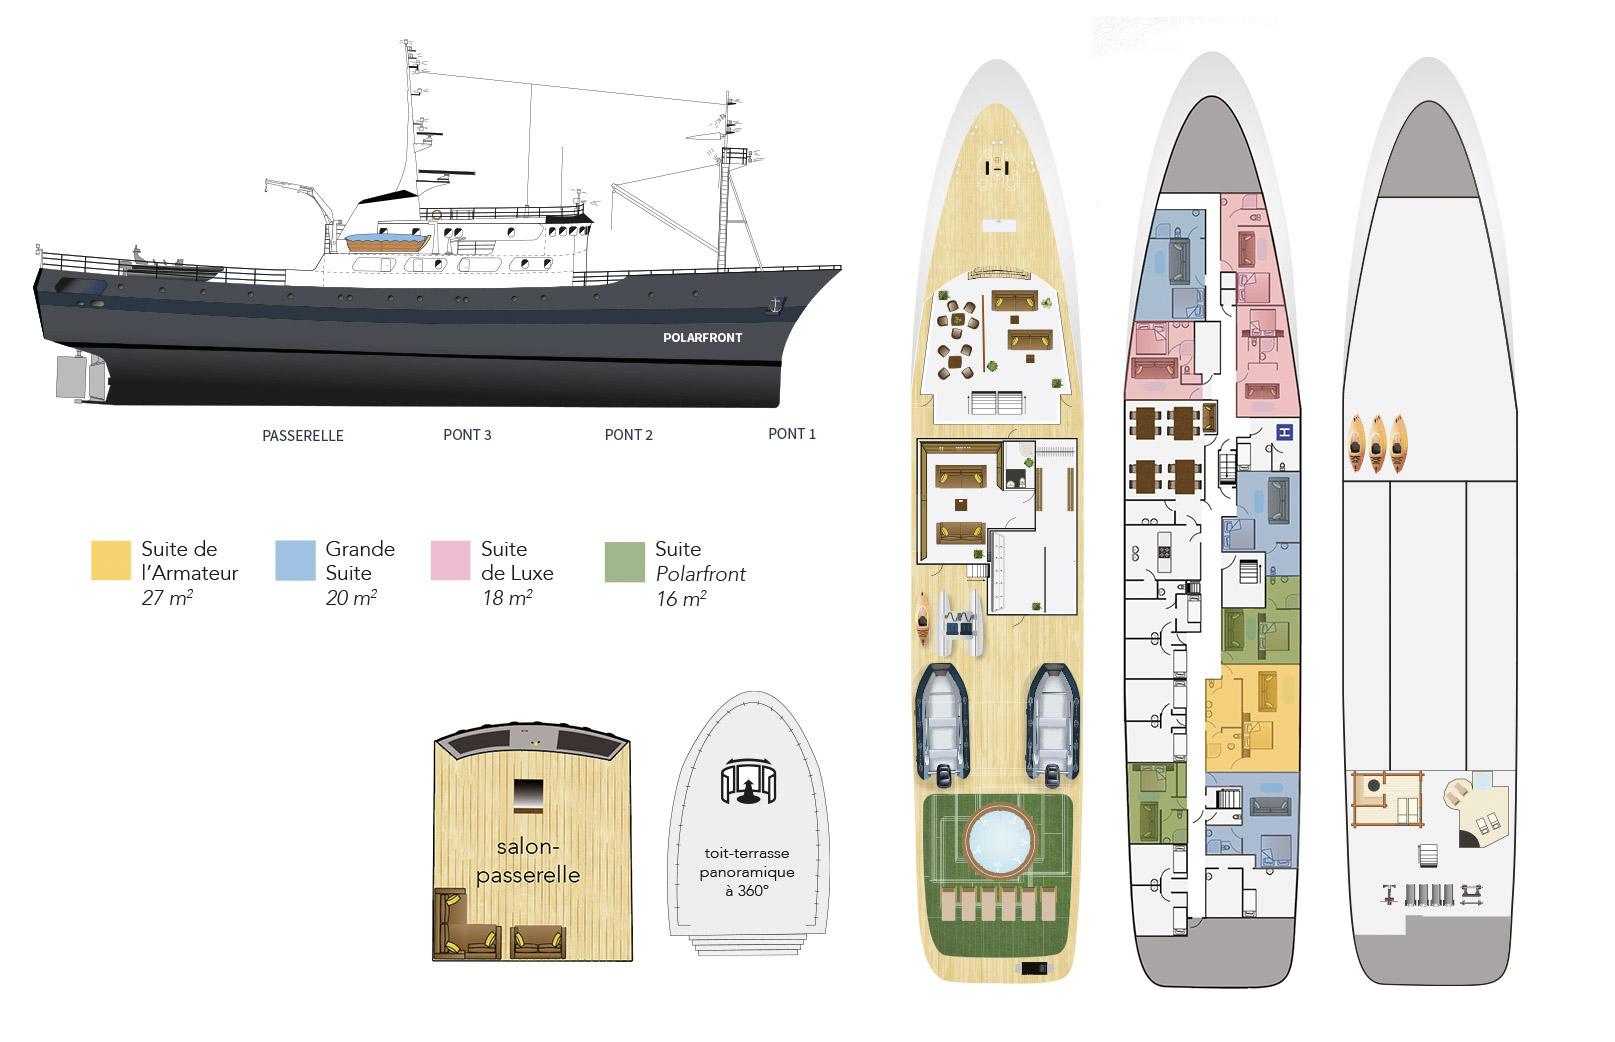 Plan du bateau d'expedition Polarfront - région polaire   Les Mondes Polaires